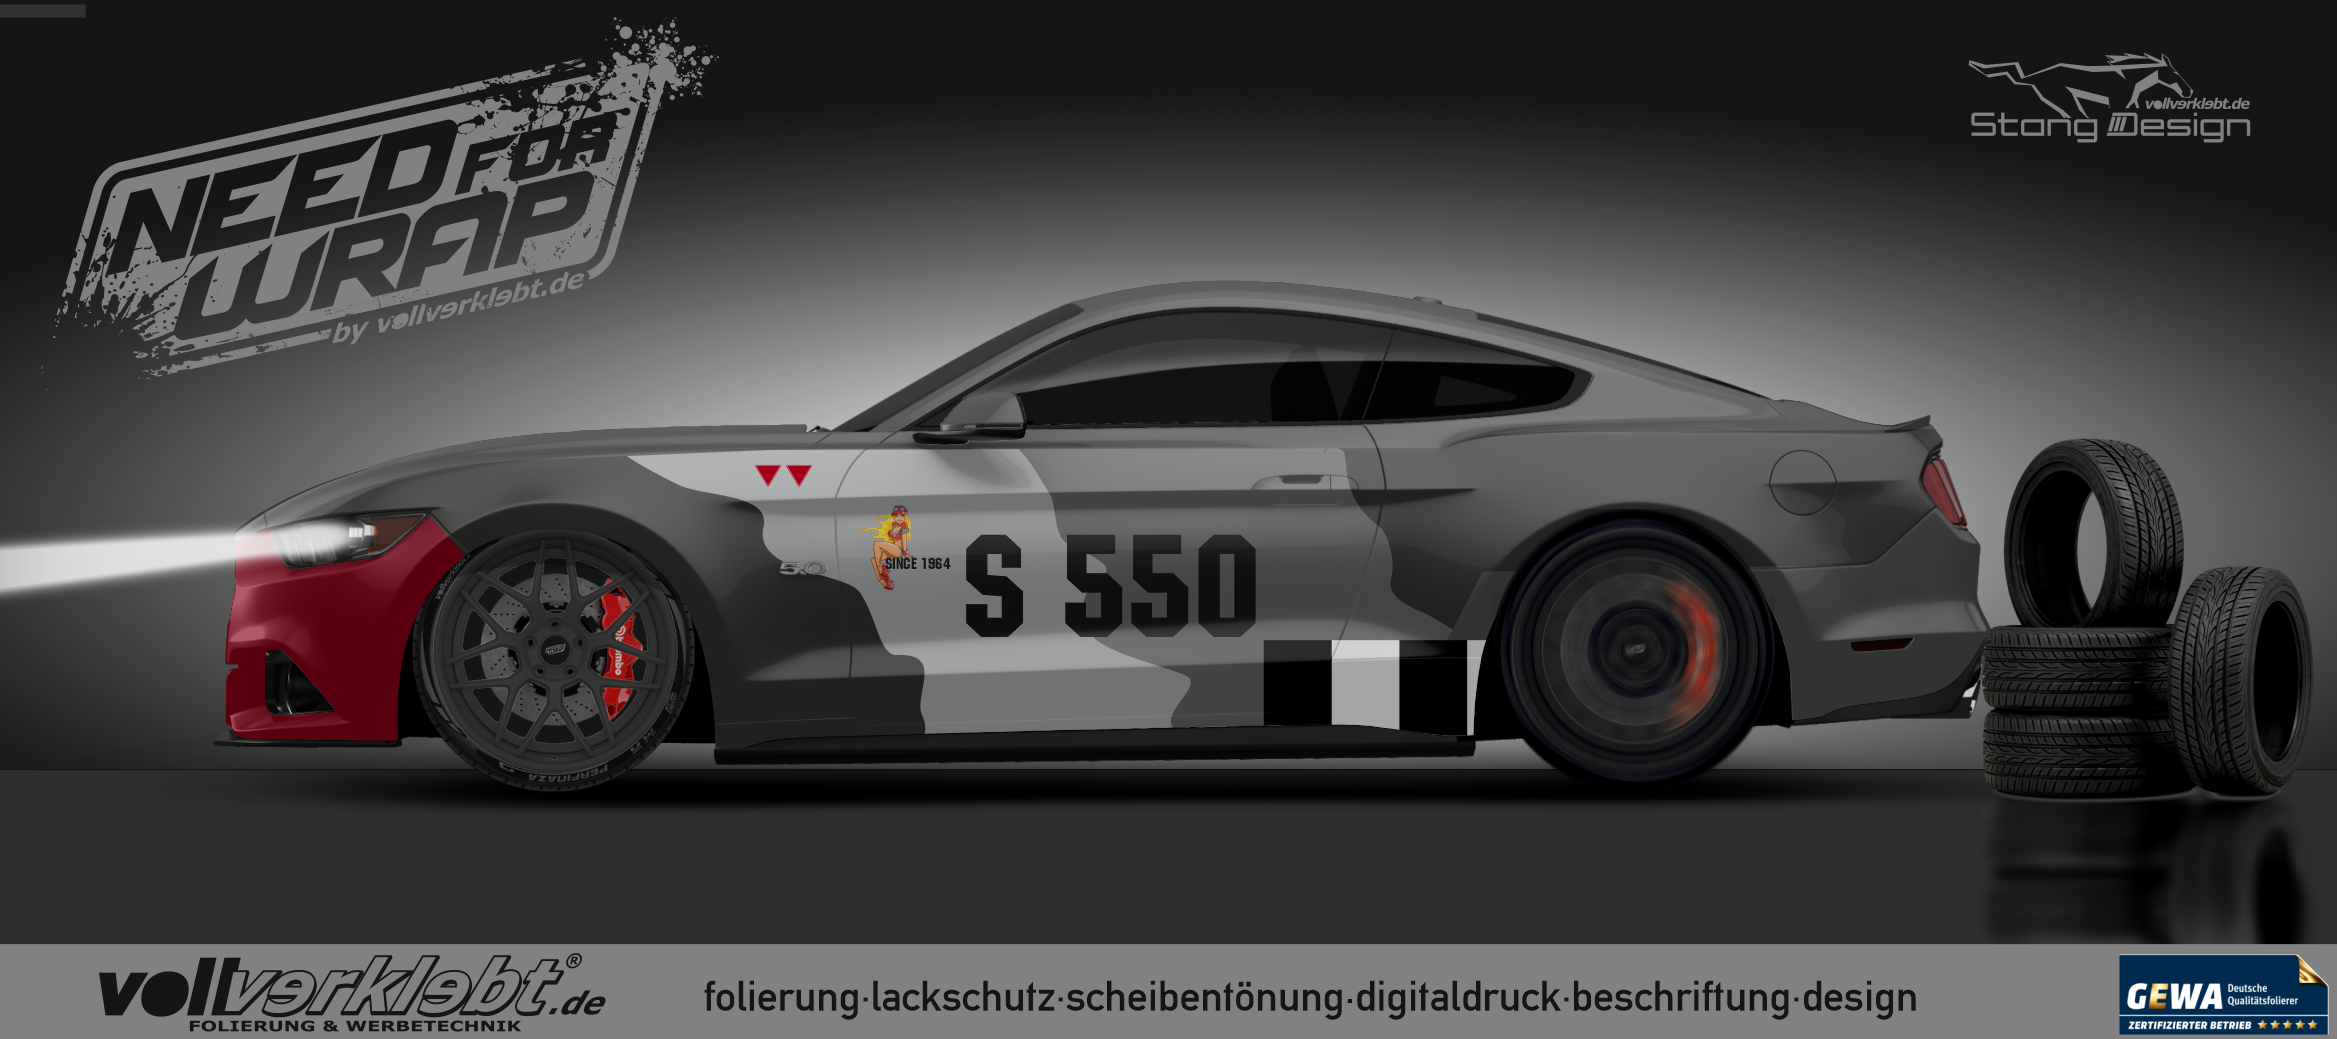 Mustang Gen6 S550 Military Design